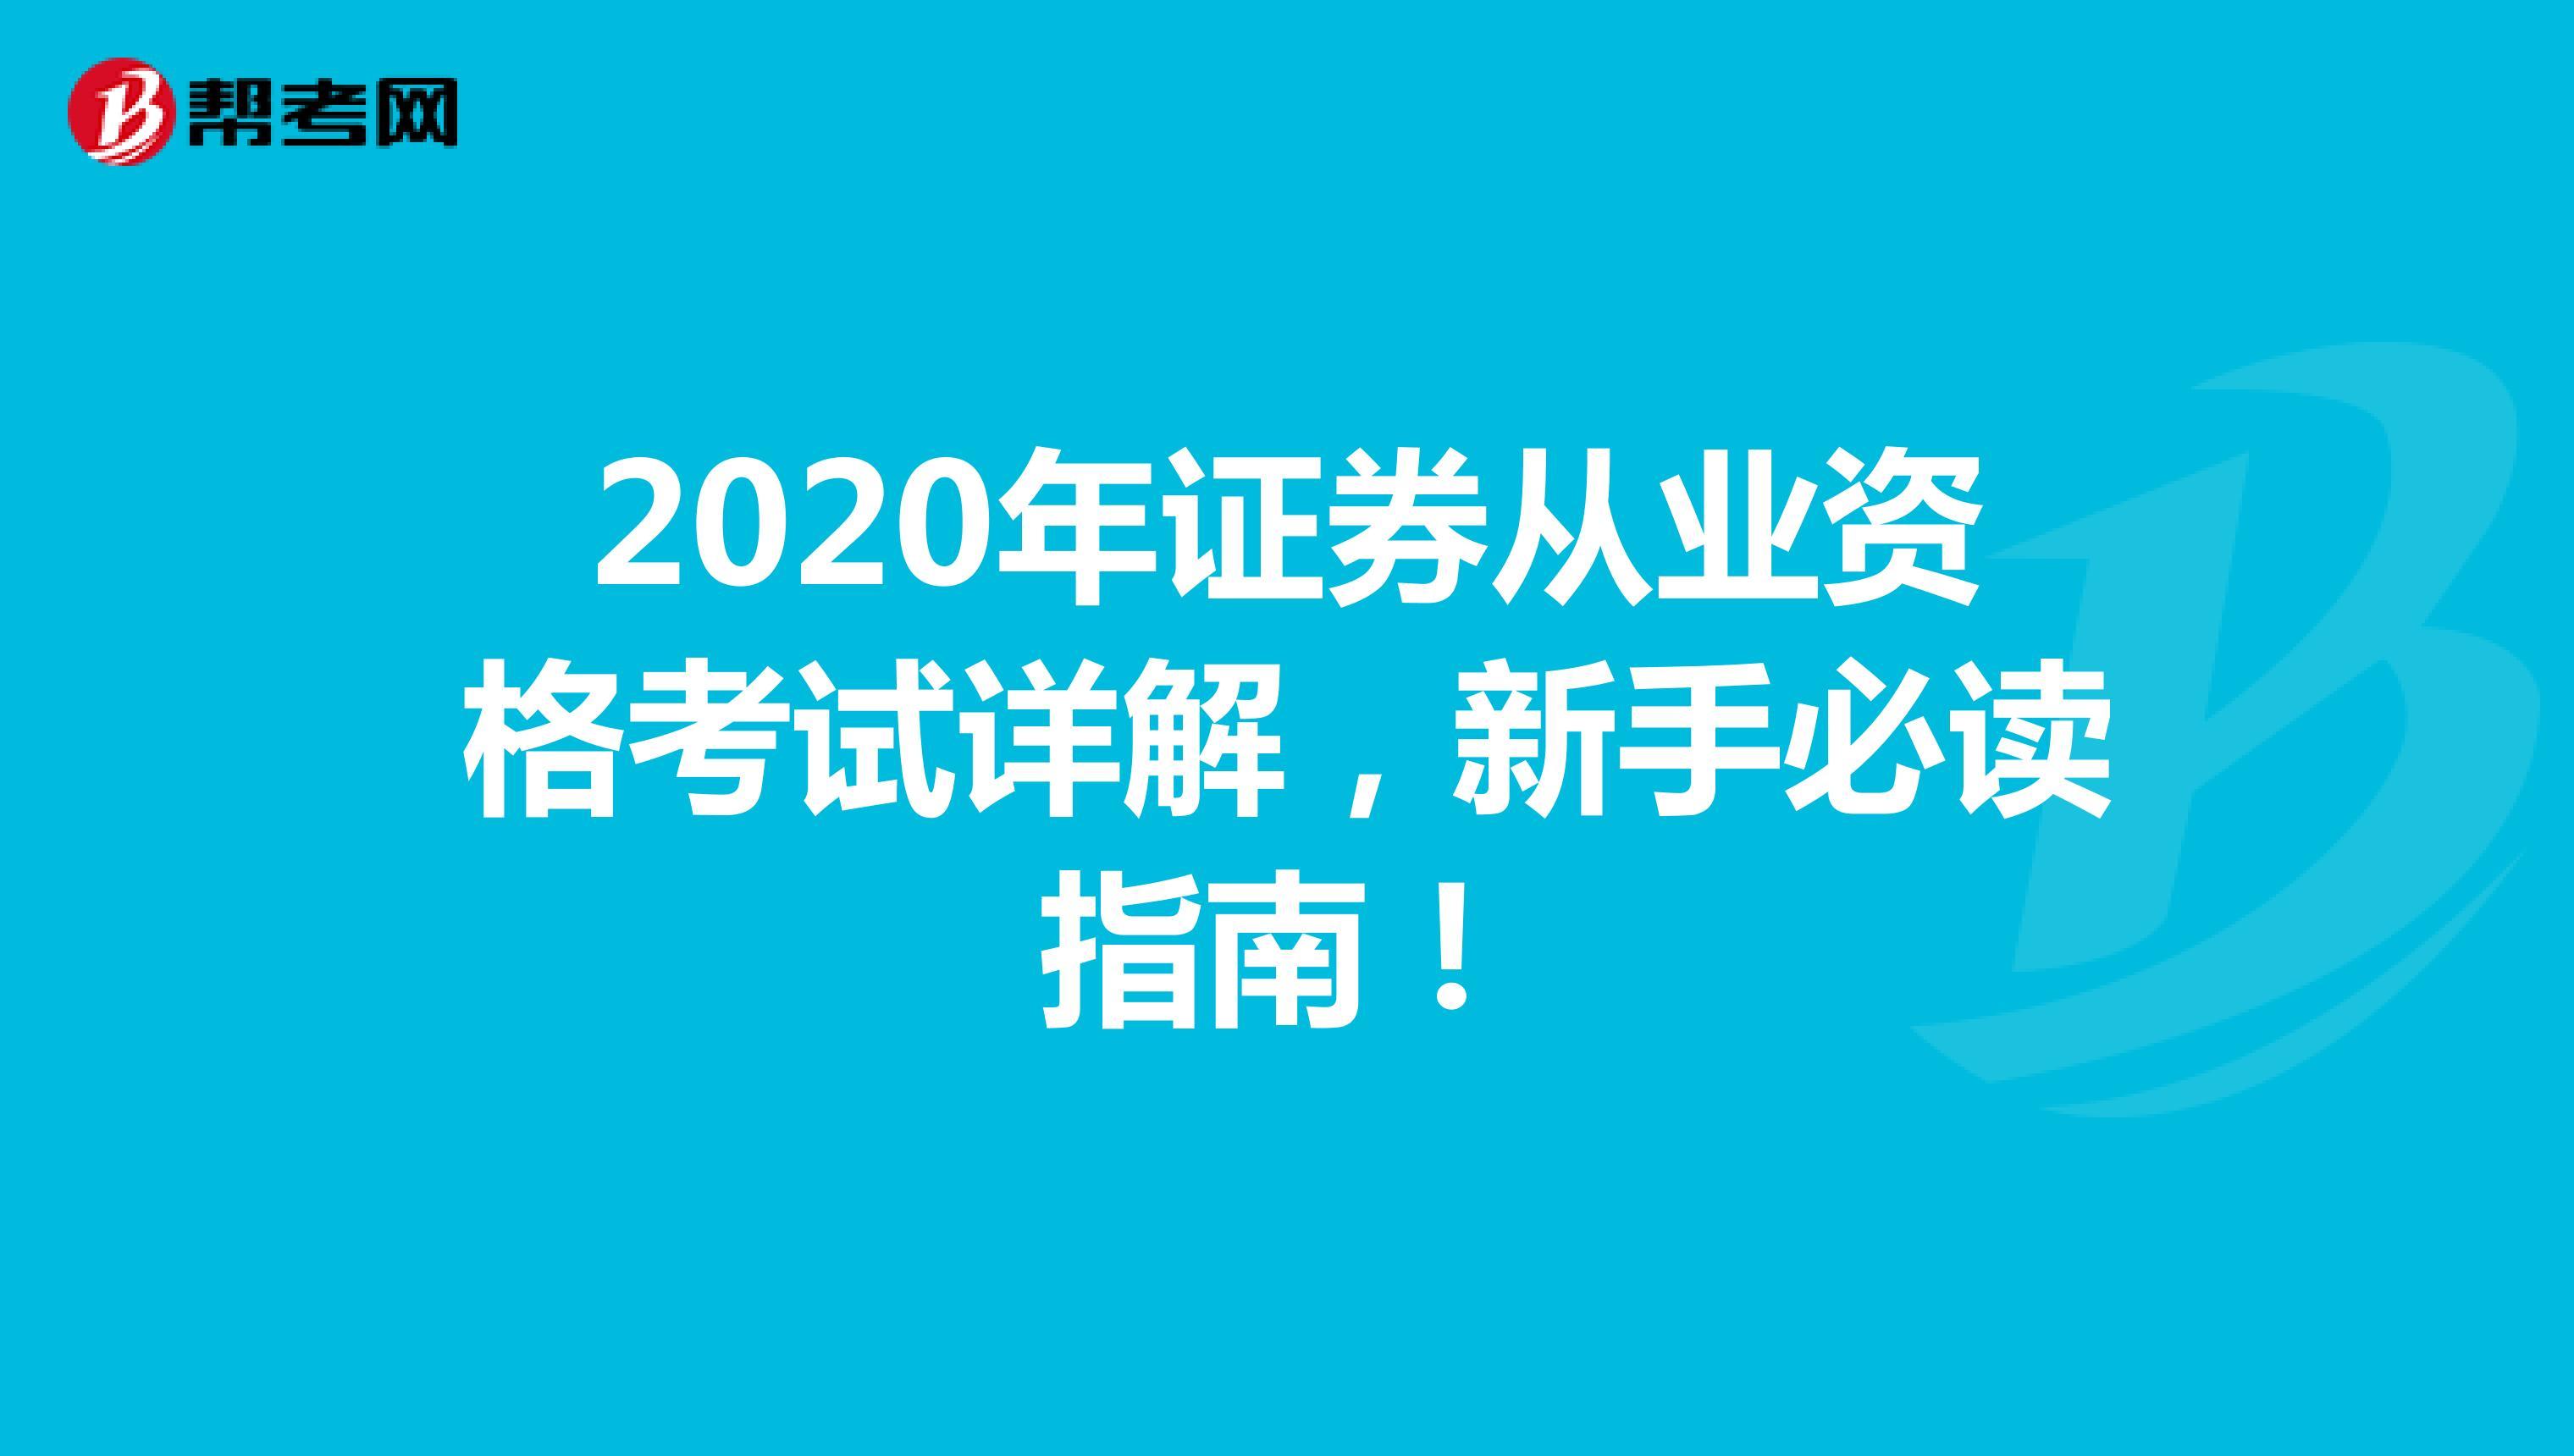 2020年首页雷火雷火详解,新手必读指南!